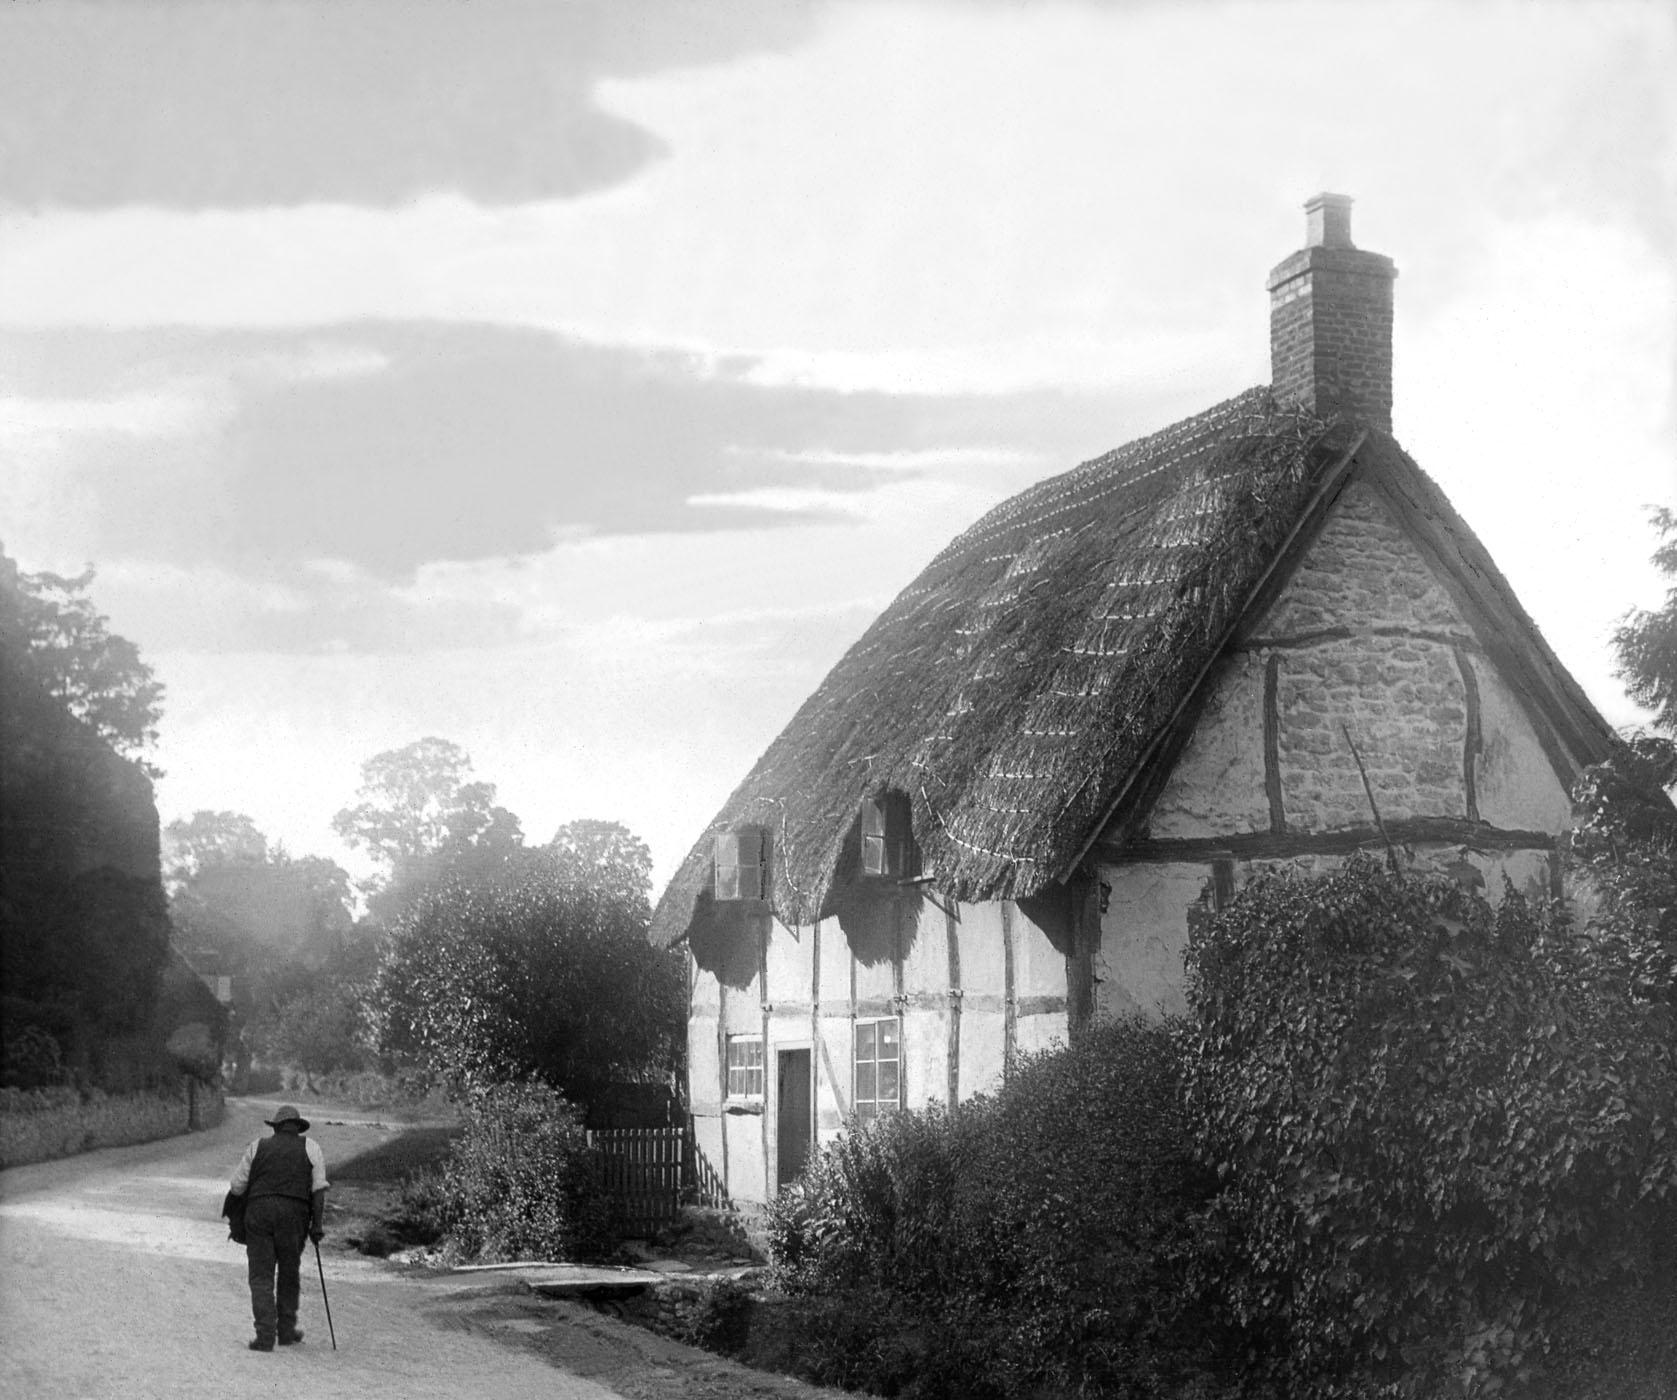 Elmley Castle The Weary Wanderer